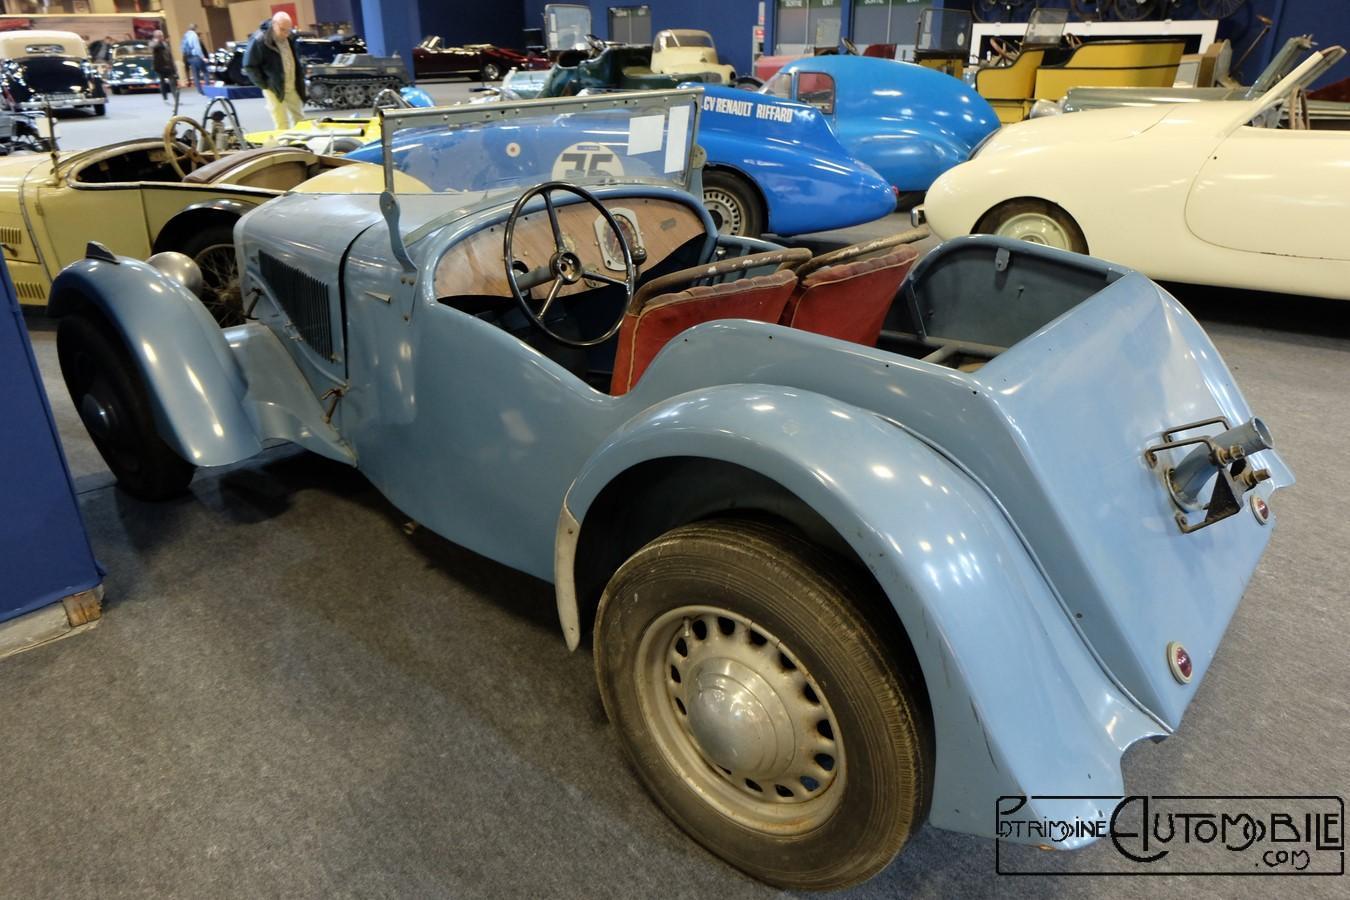 Georges irat mdu 1937 patrimoine automobile com for Porte garage sectionnelle 300x200